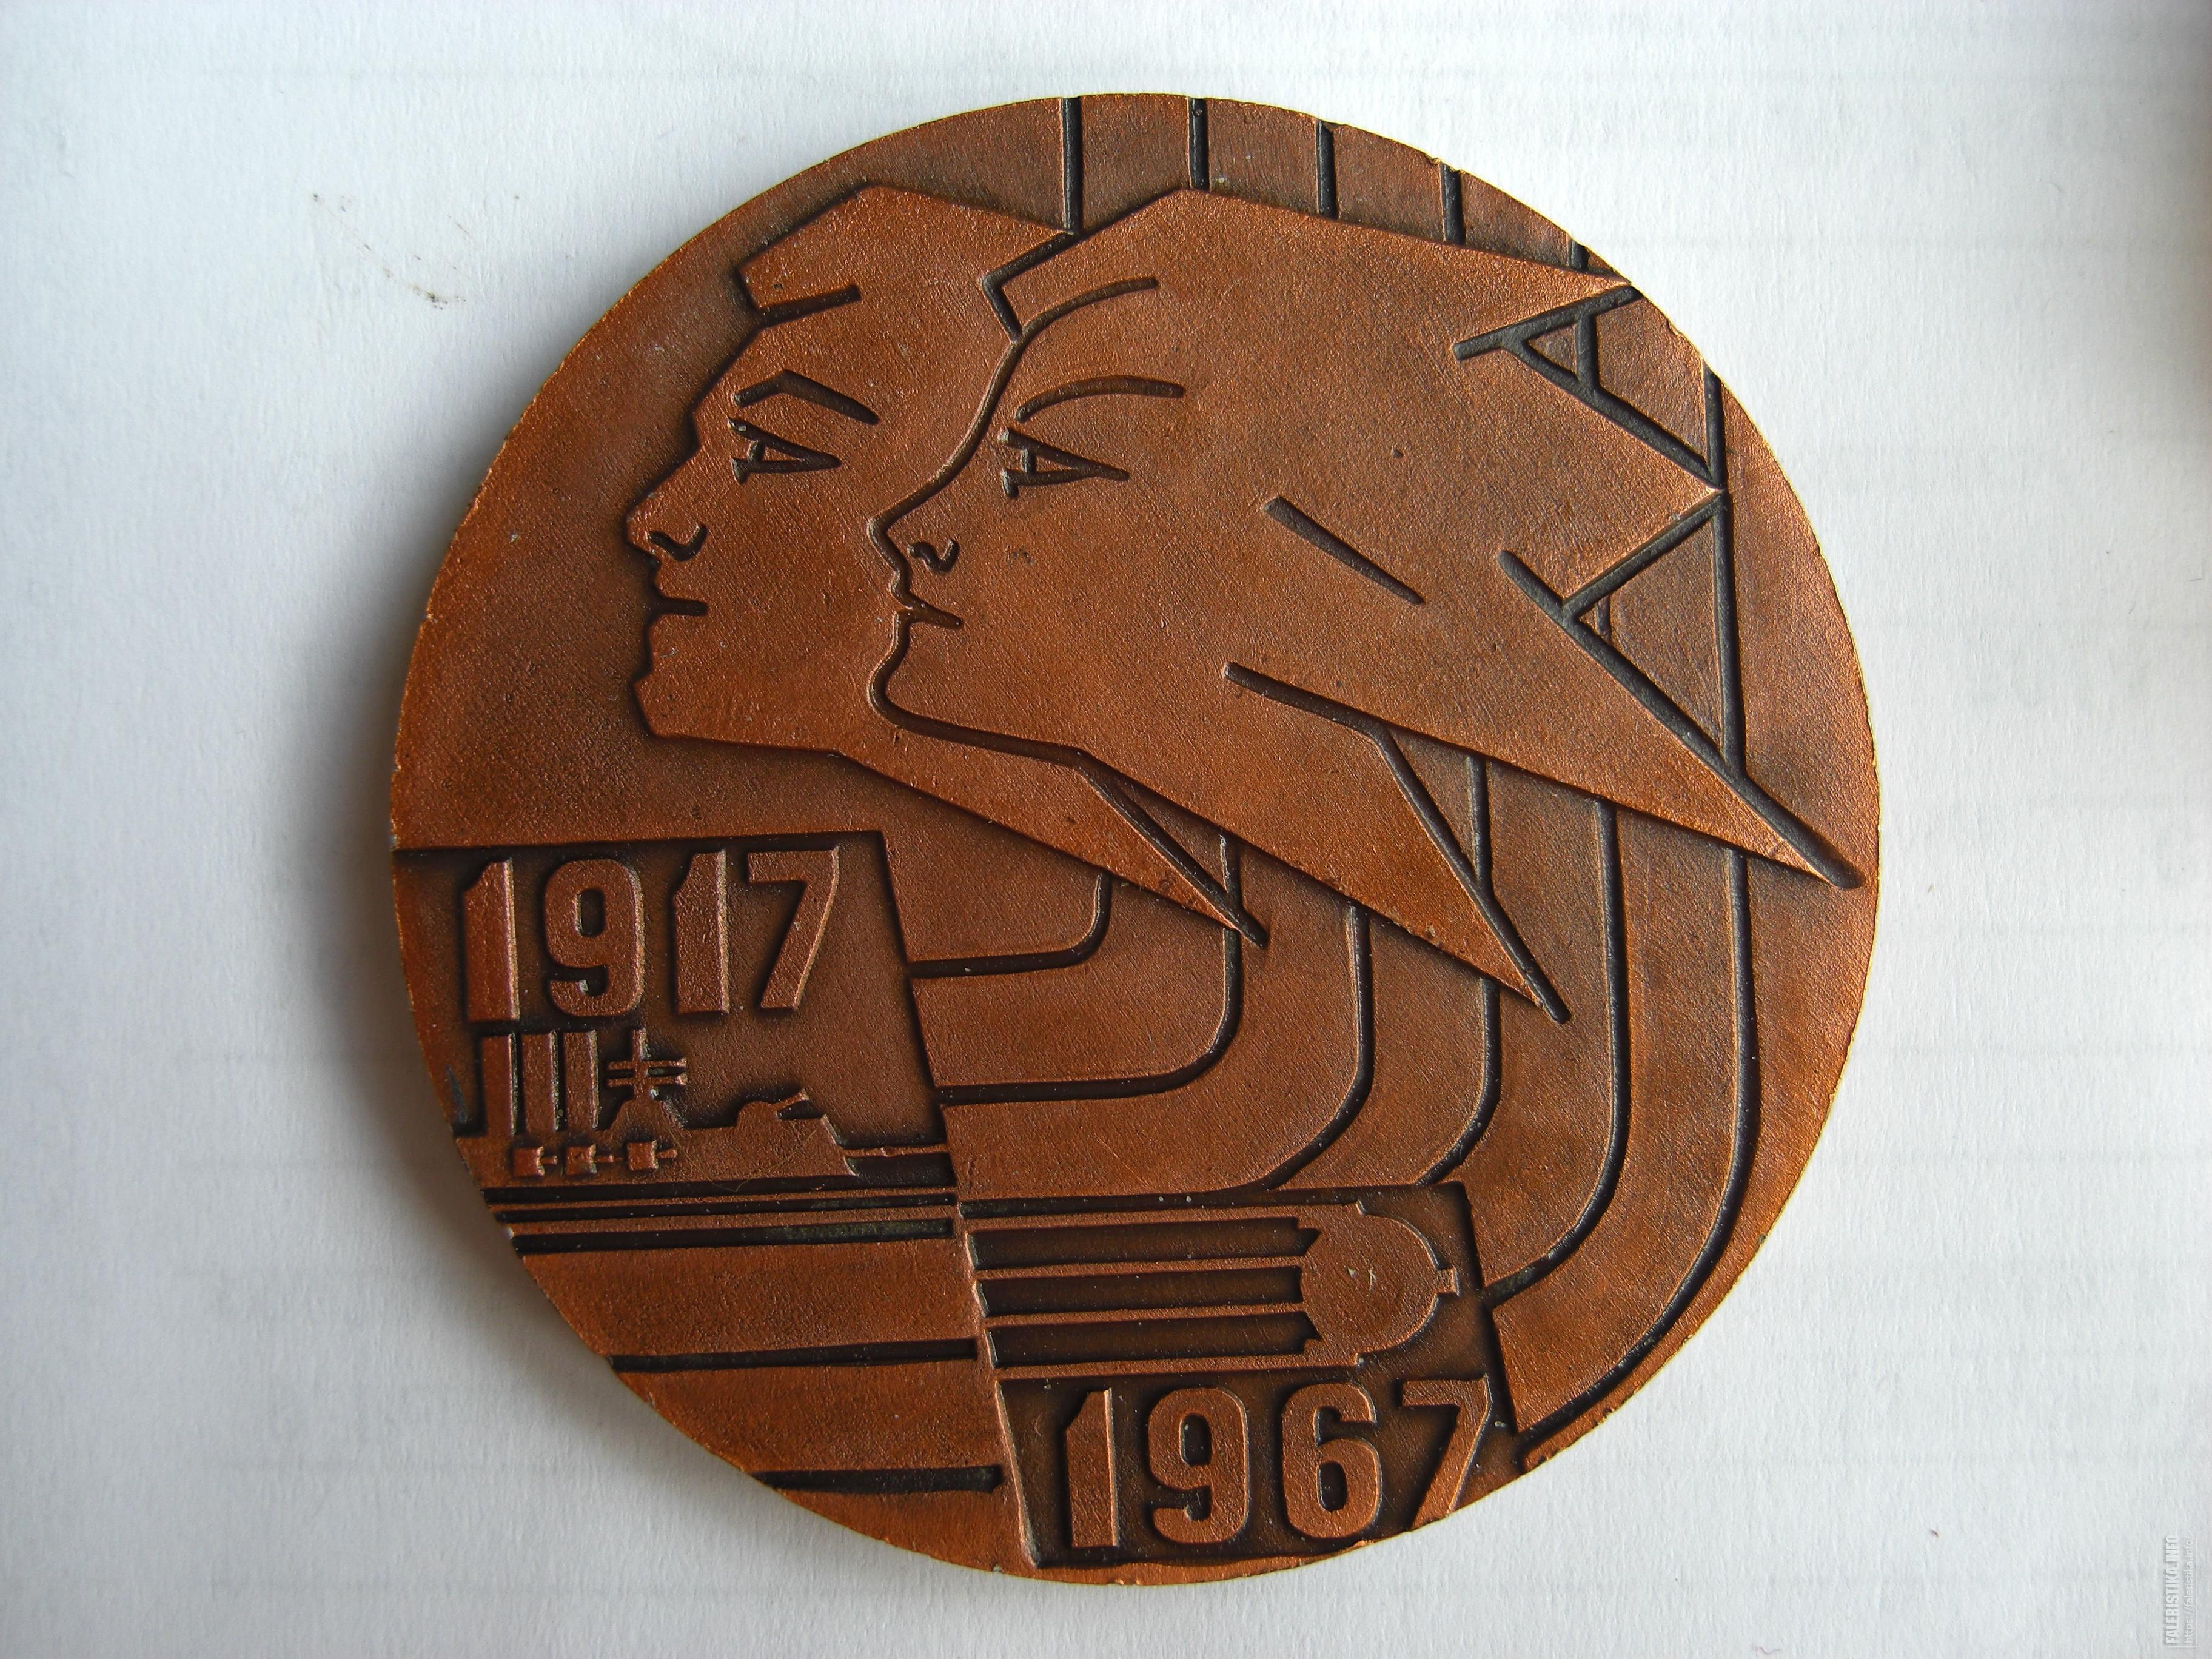 спартакиада_медаль_алюм_1967_4.jpg